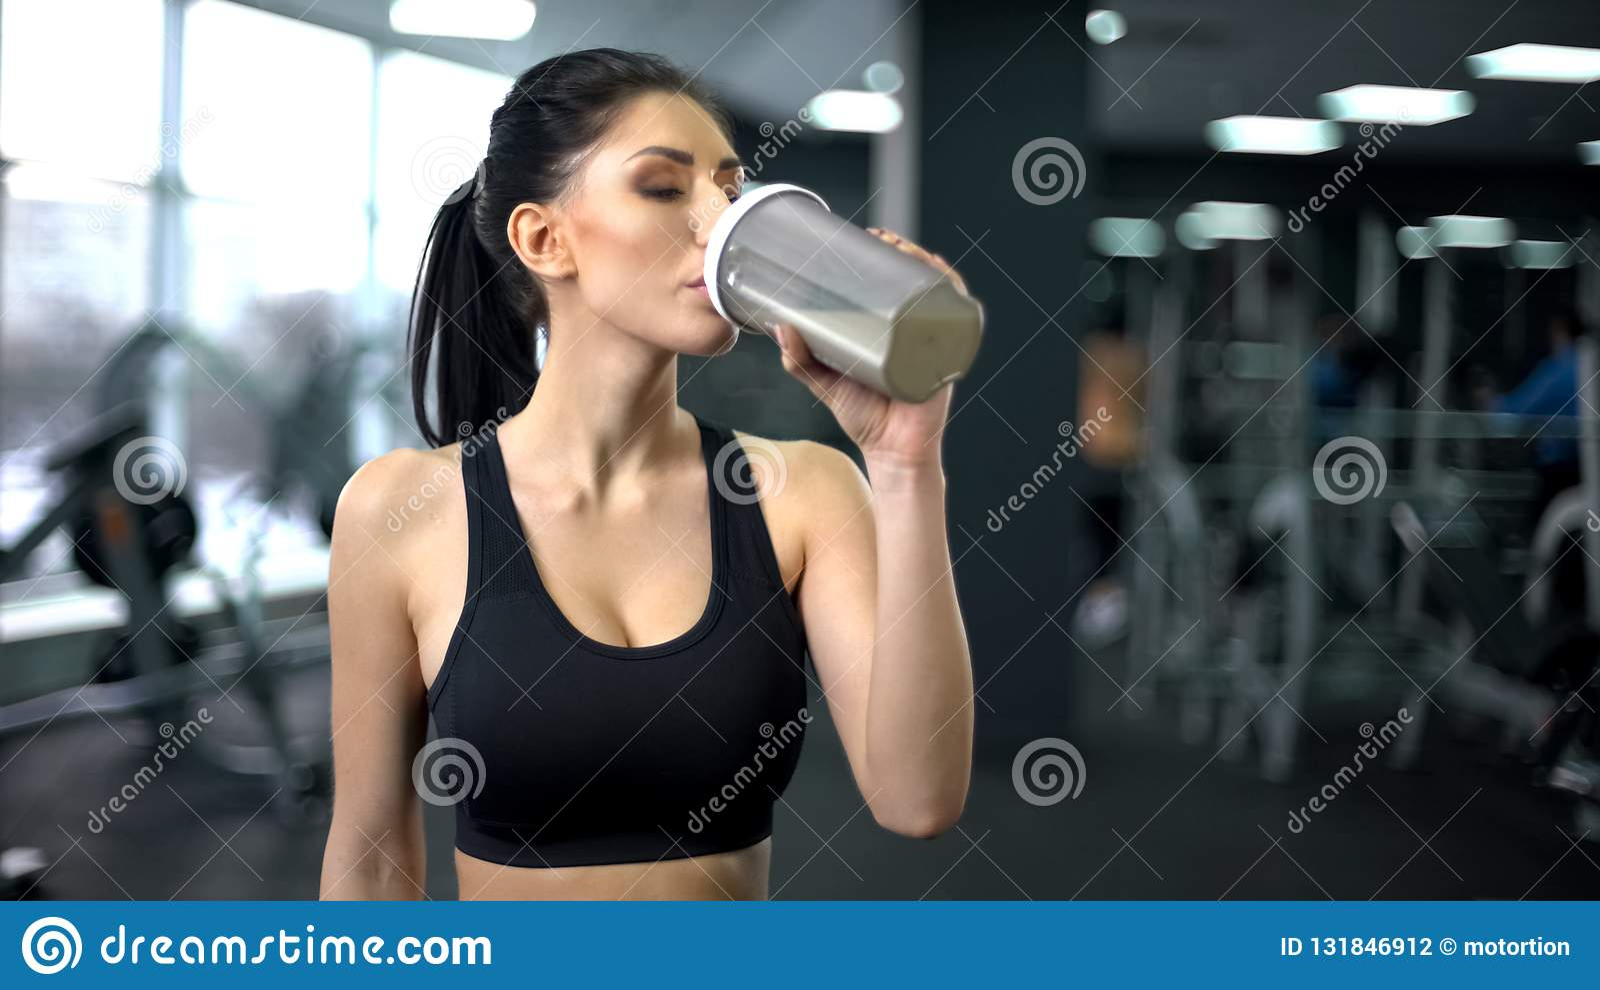 Sacudida de consumición de la proteína de la mujer deportiva después del entrenamiento, nutrición del aumento del músculo, salud